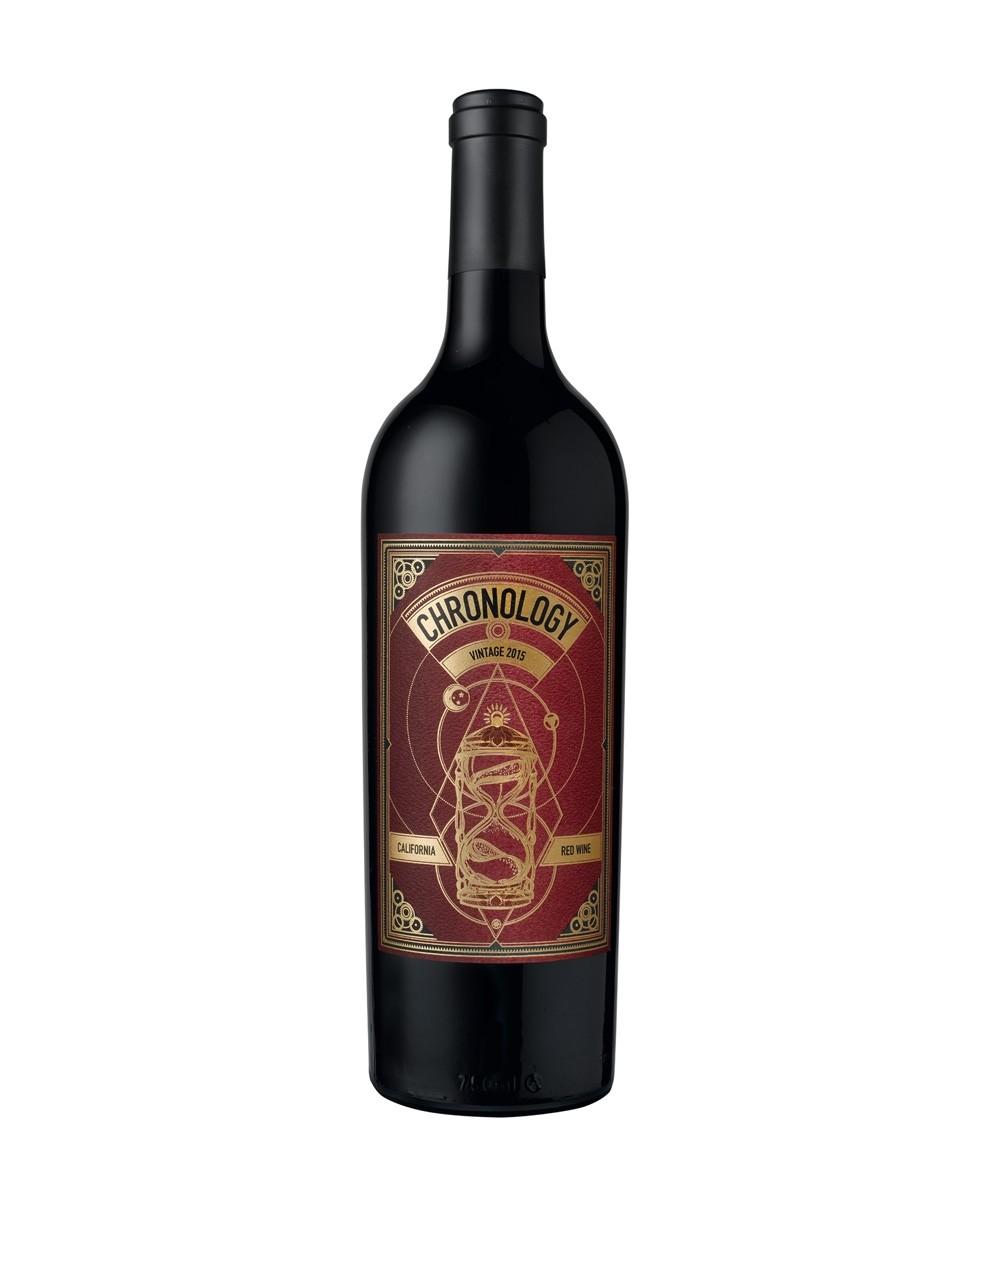 Secret Indulgence 2015 Chronology Red Wine California